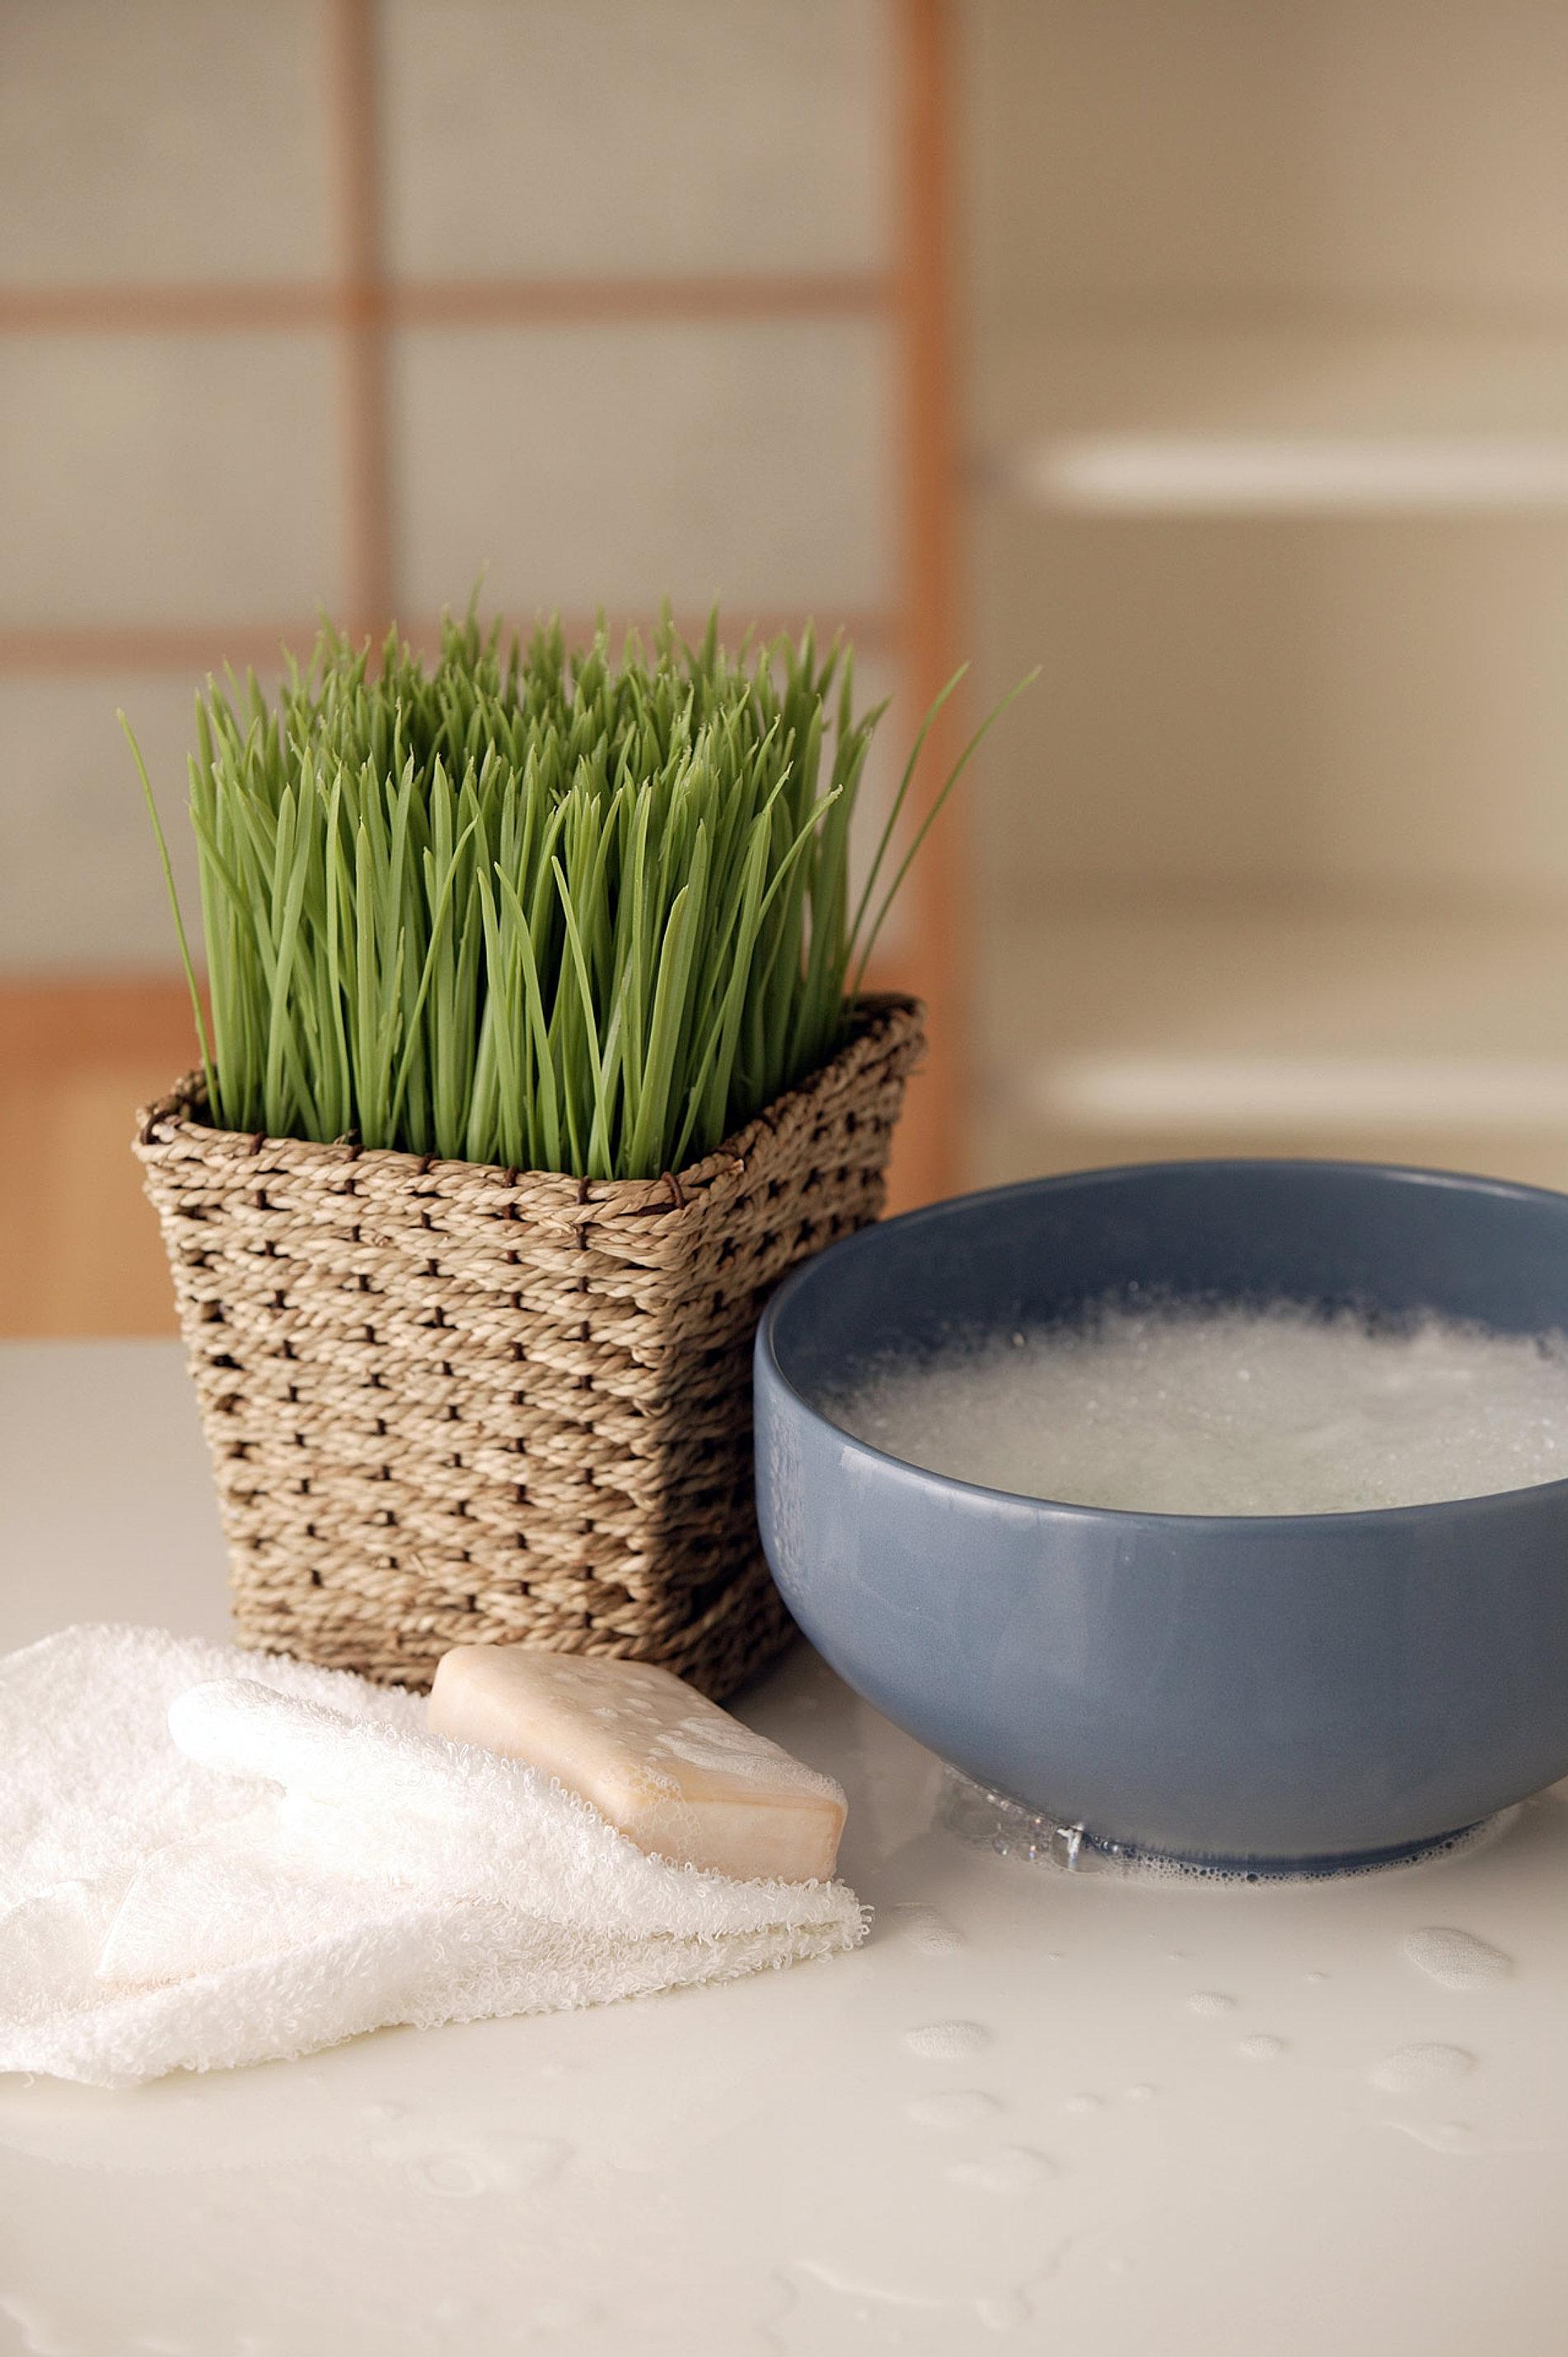 montra thai massage spa kungsholmen